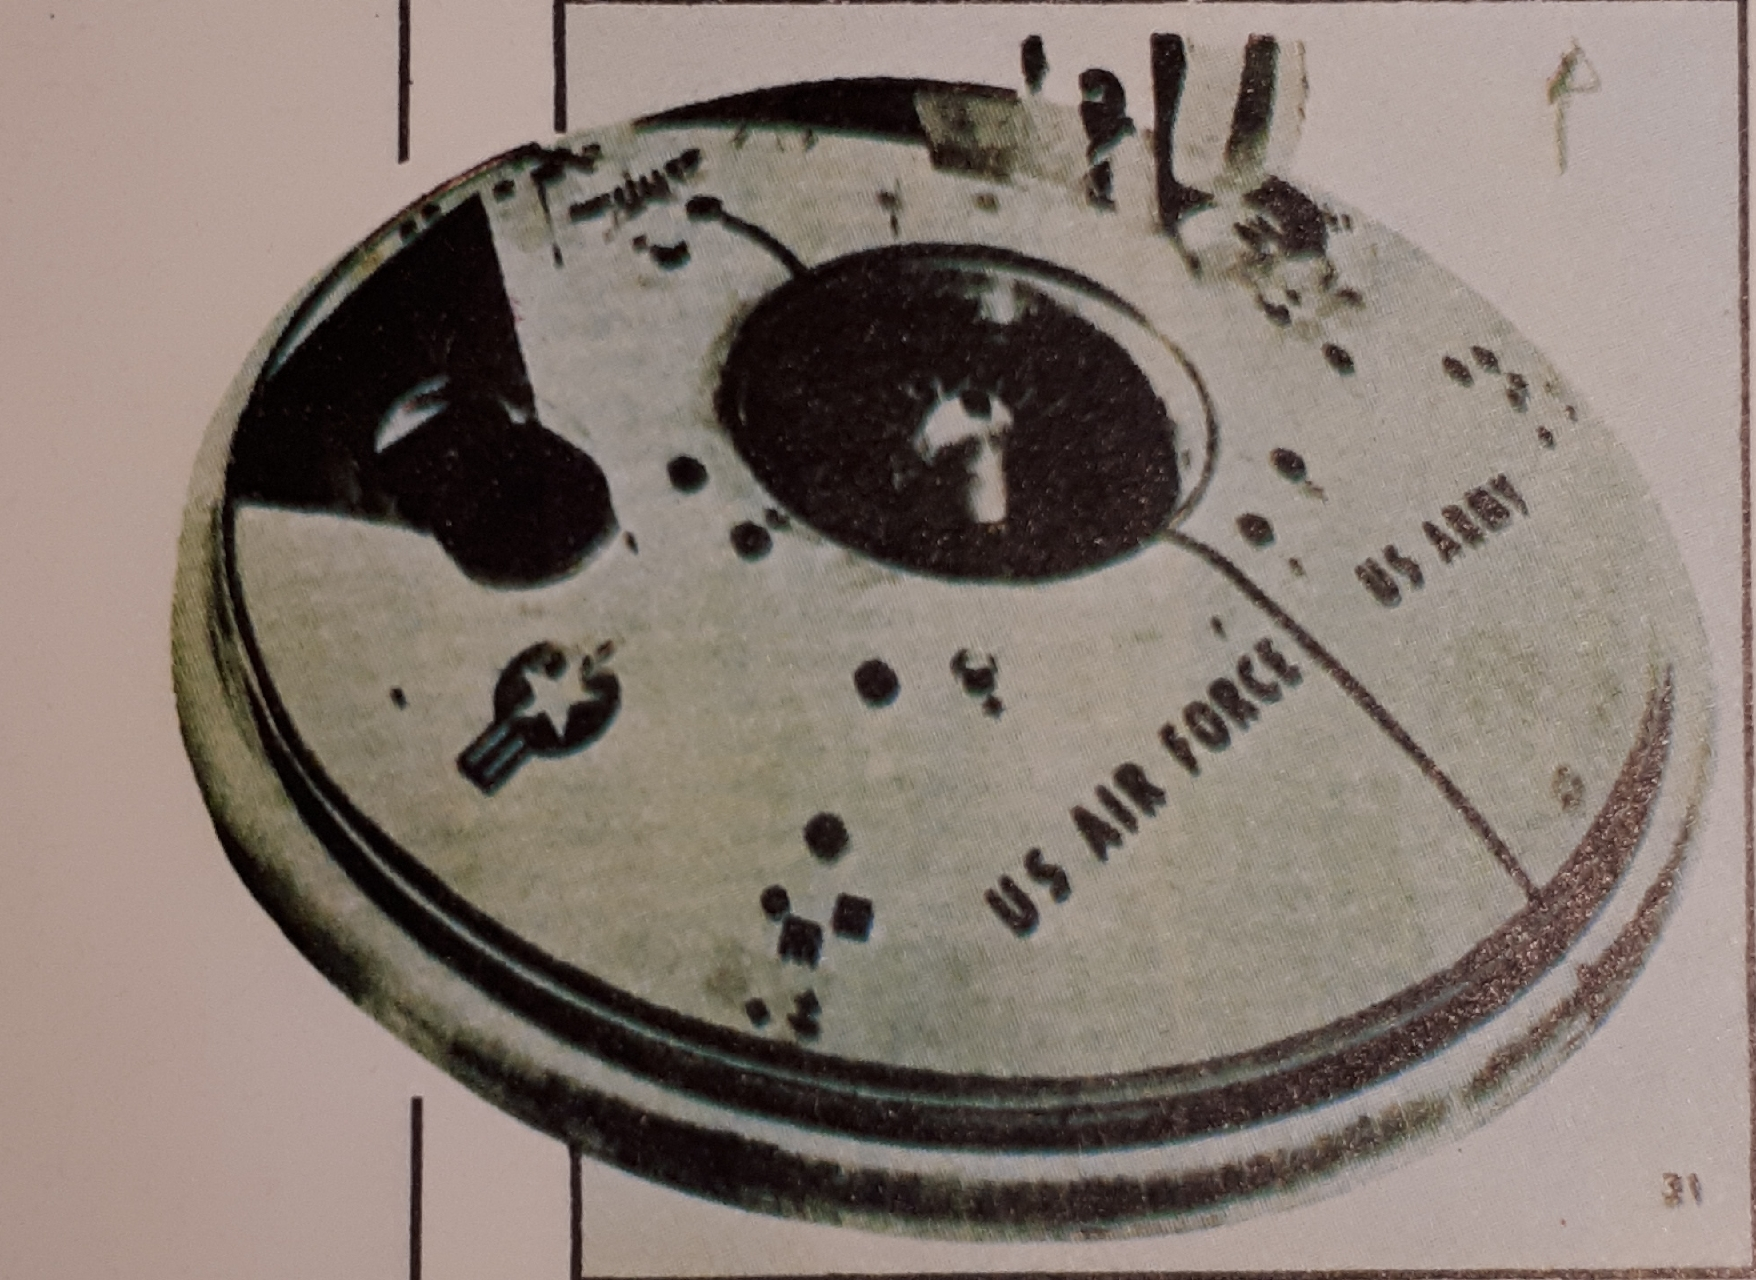 """Sobrevolando la Factoría AVRO-así publicó-una cámara independiente fotografió este extraño aparato, enormemente y sospechosamente, parecido a los """"platillos Volantes"""""""